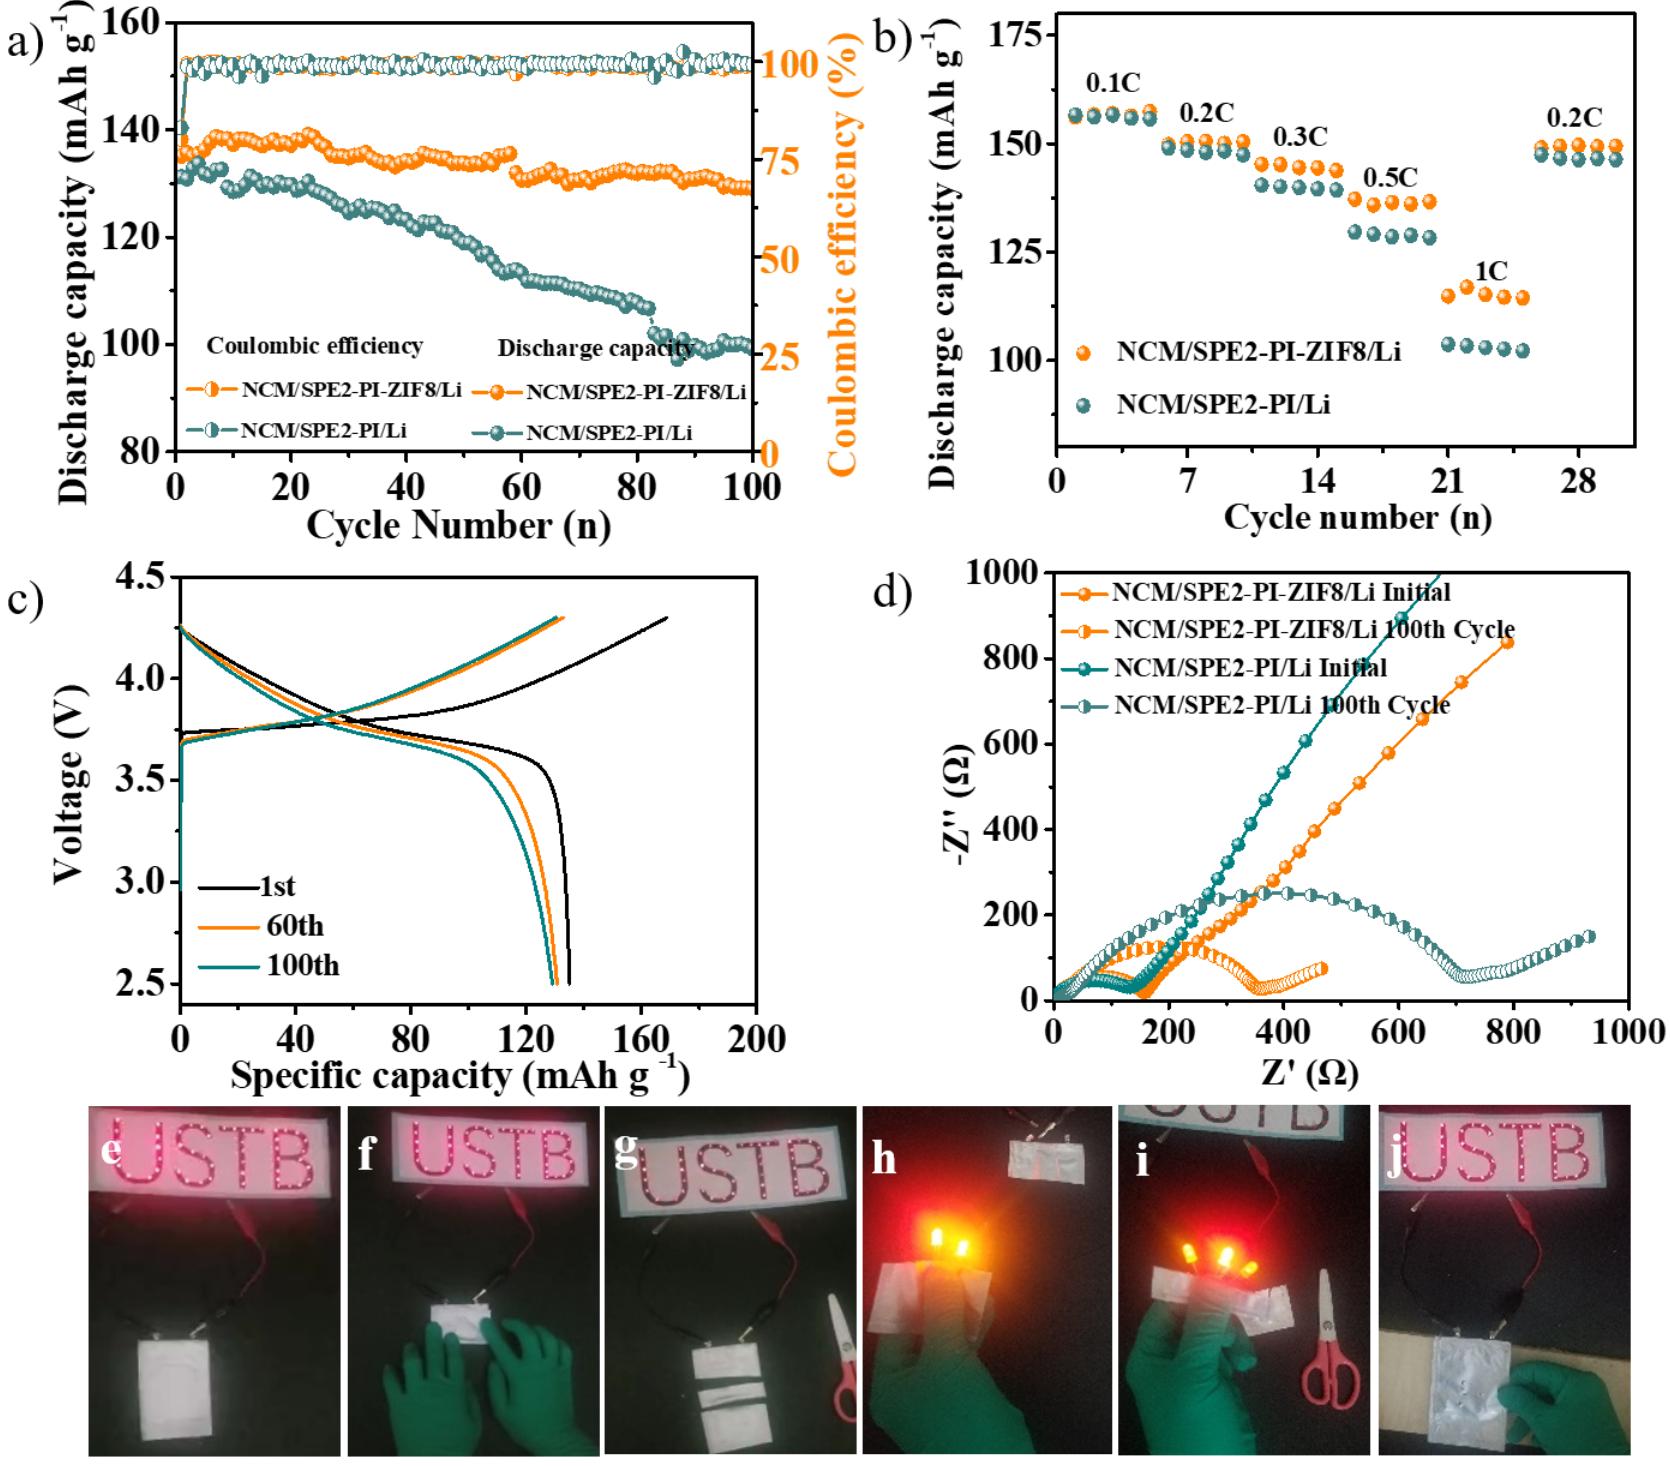 AFM:金属-有机骨架协助构建非对称聚合物固体电解质用于无枝晶锂金属电池